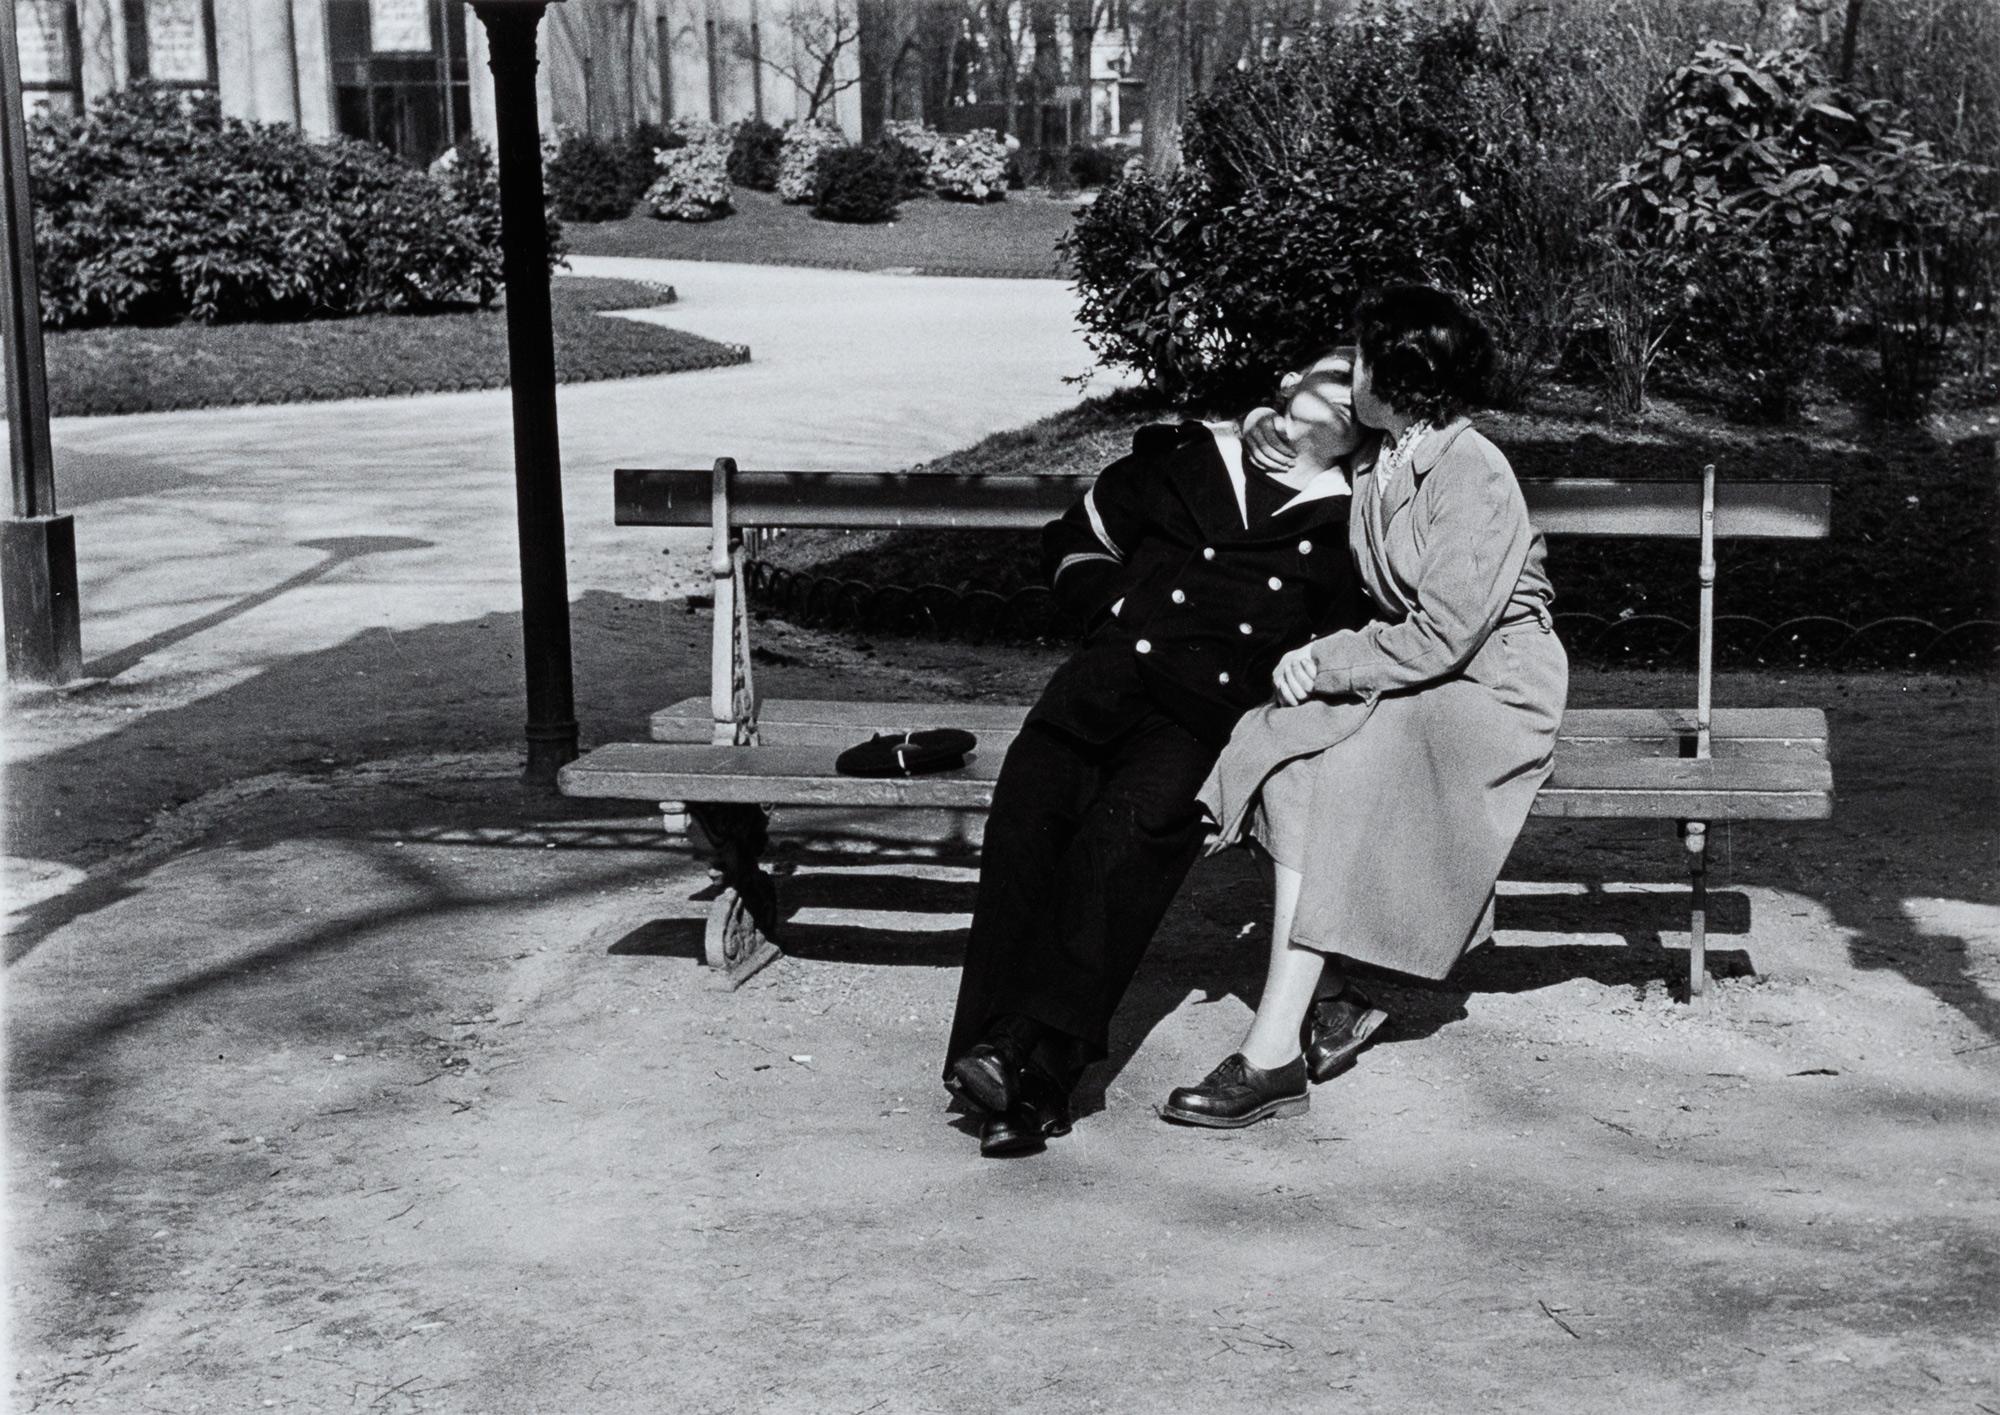 Le baiser du marin, ca. 1950